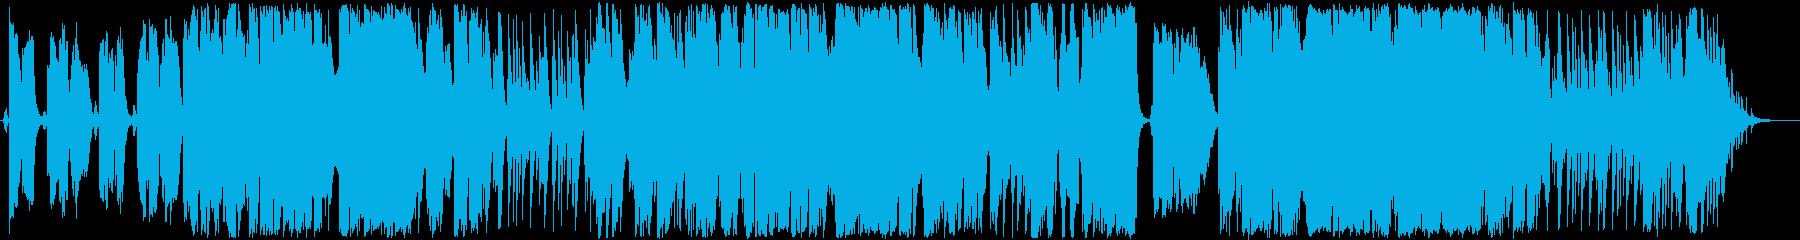 アカペラから始まる絵本風のピアノバラードの再生済みの波形